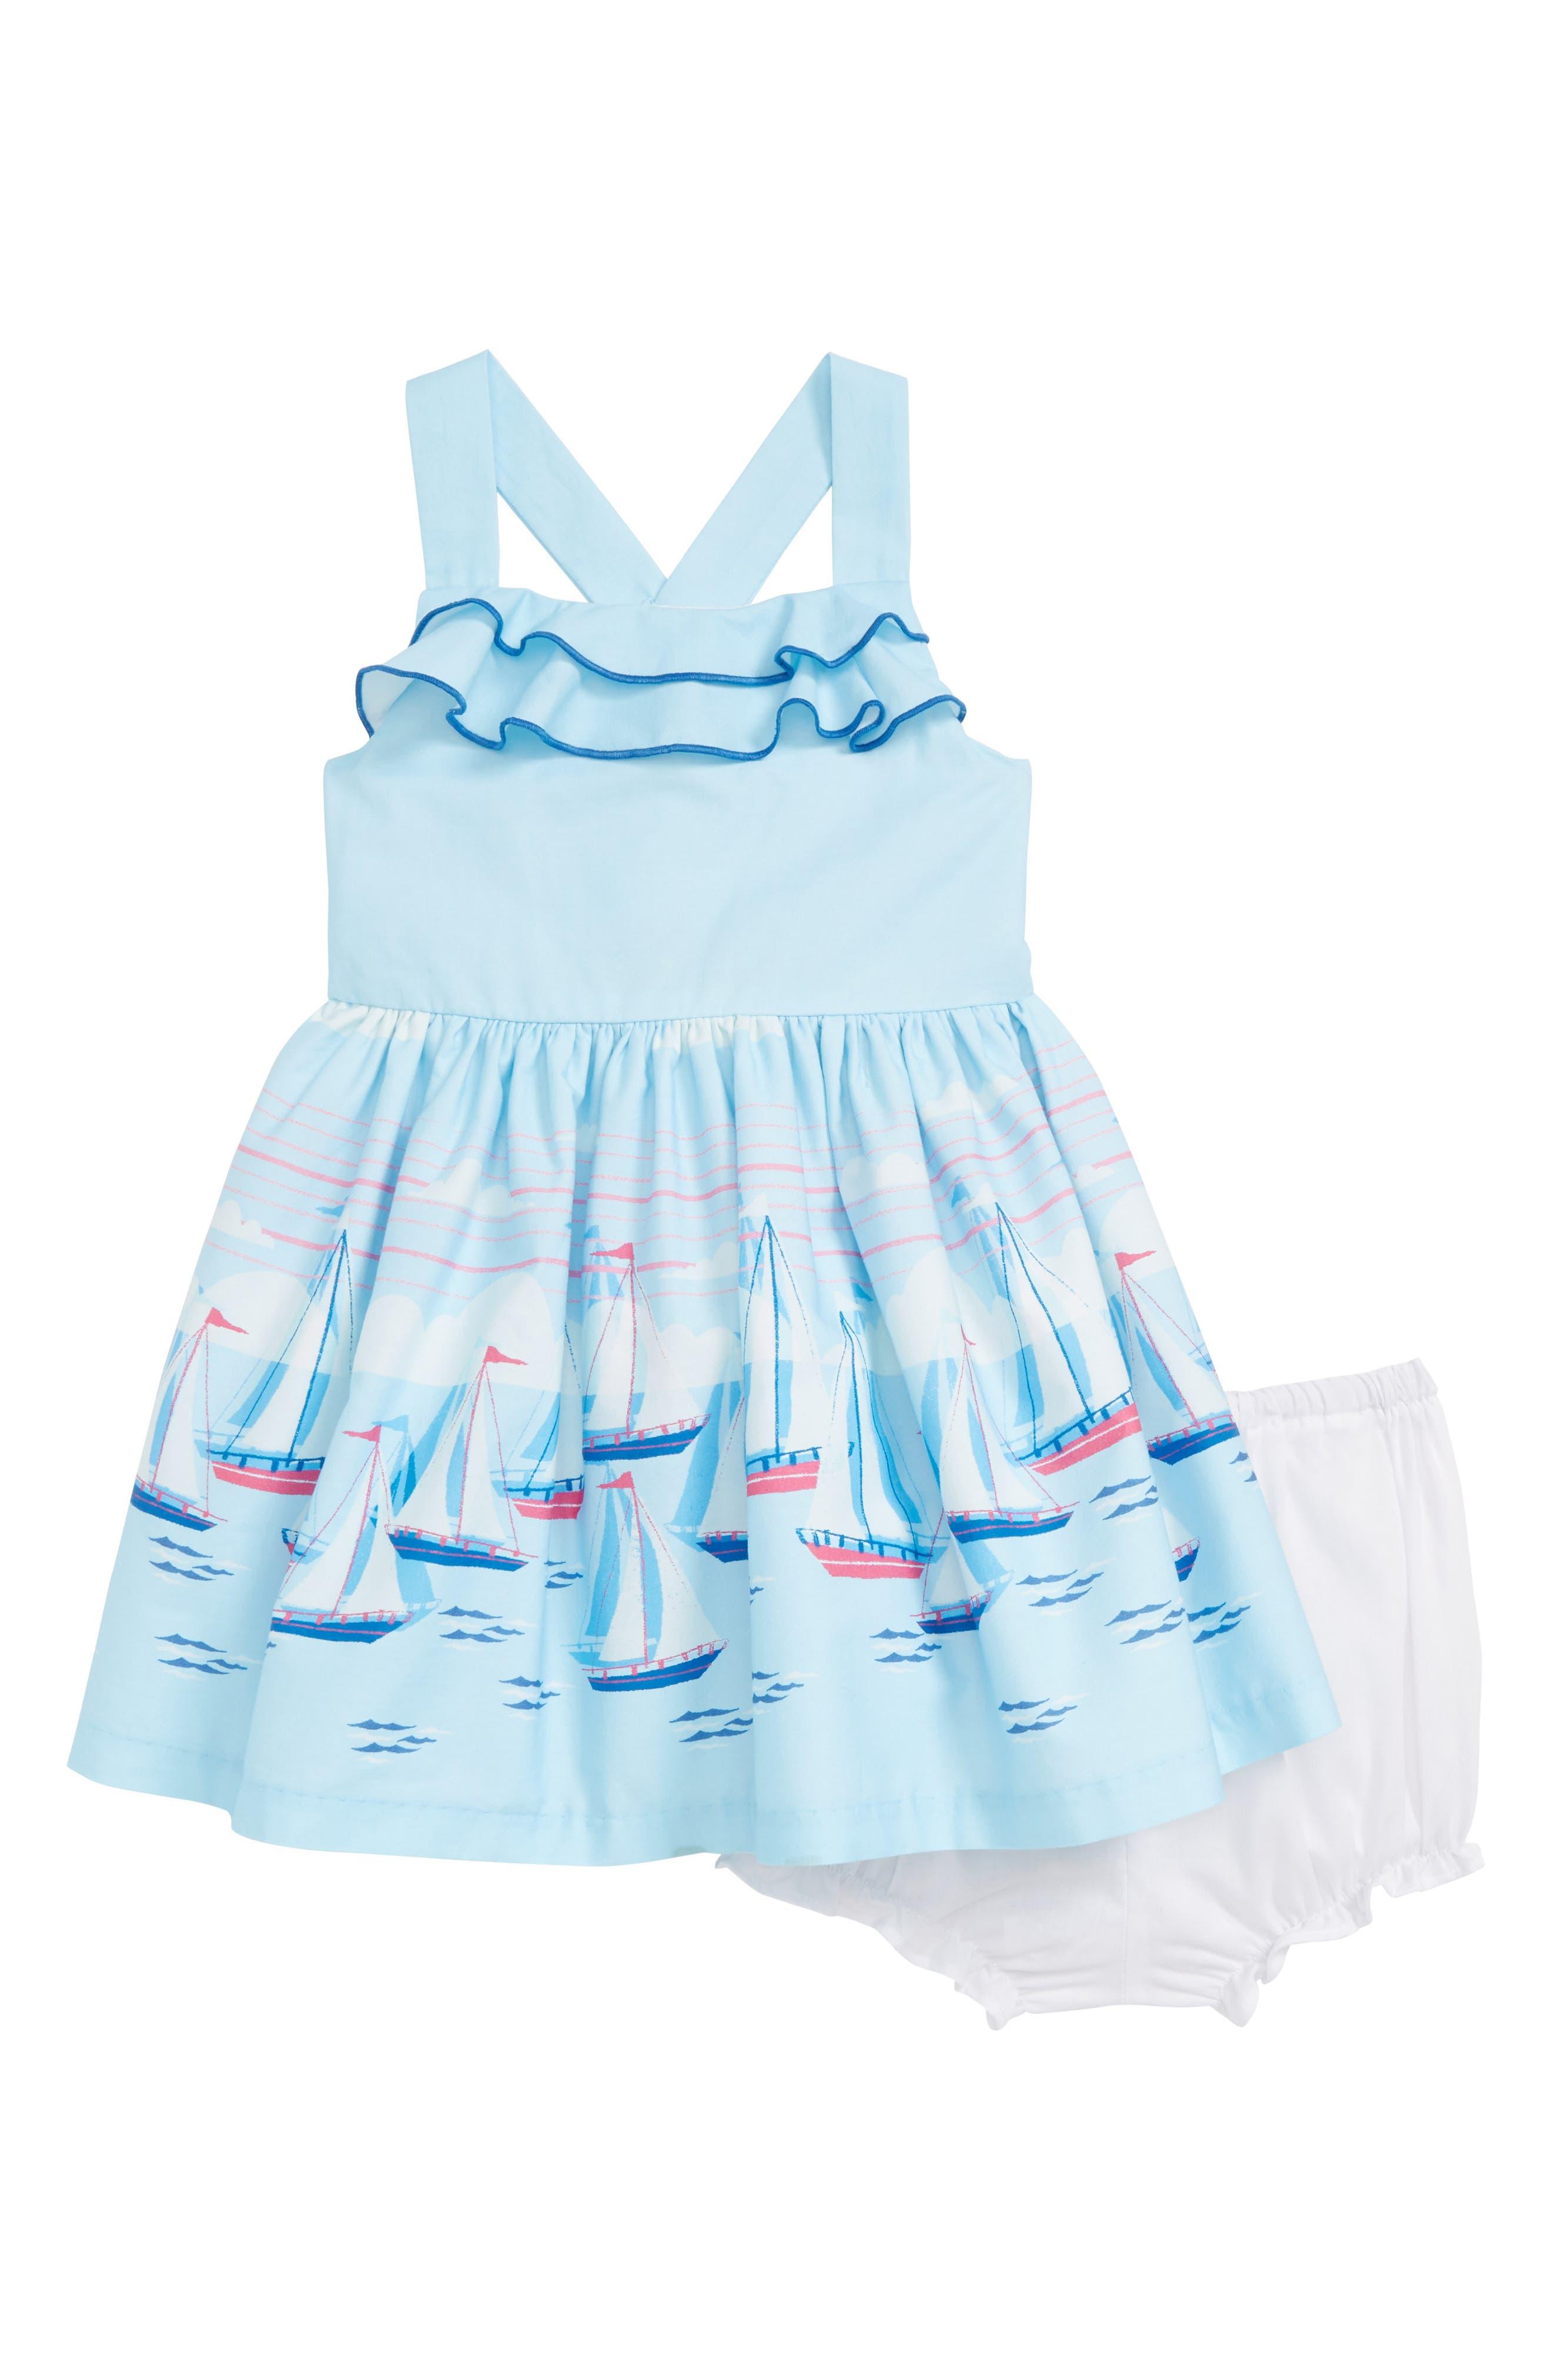 Sailboat Dress,                             Main thumbnail 1, color,                             Blue